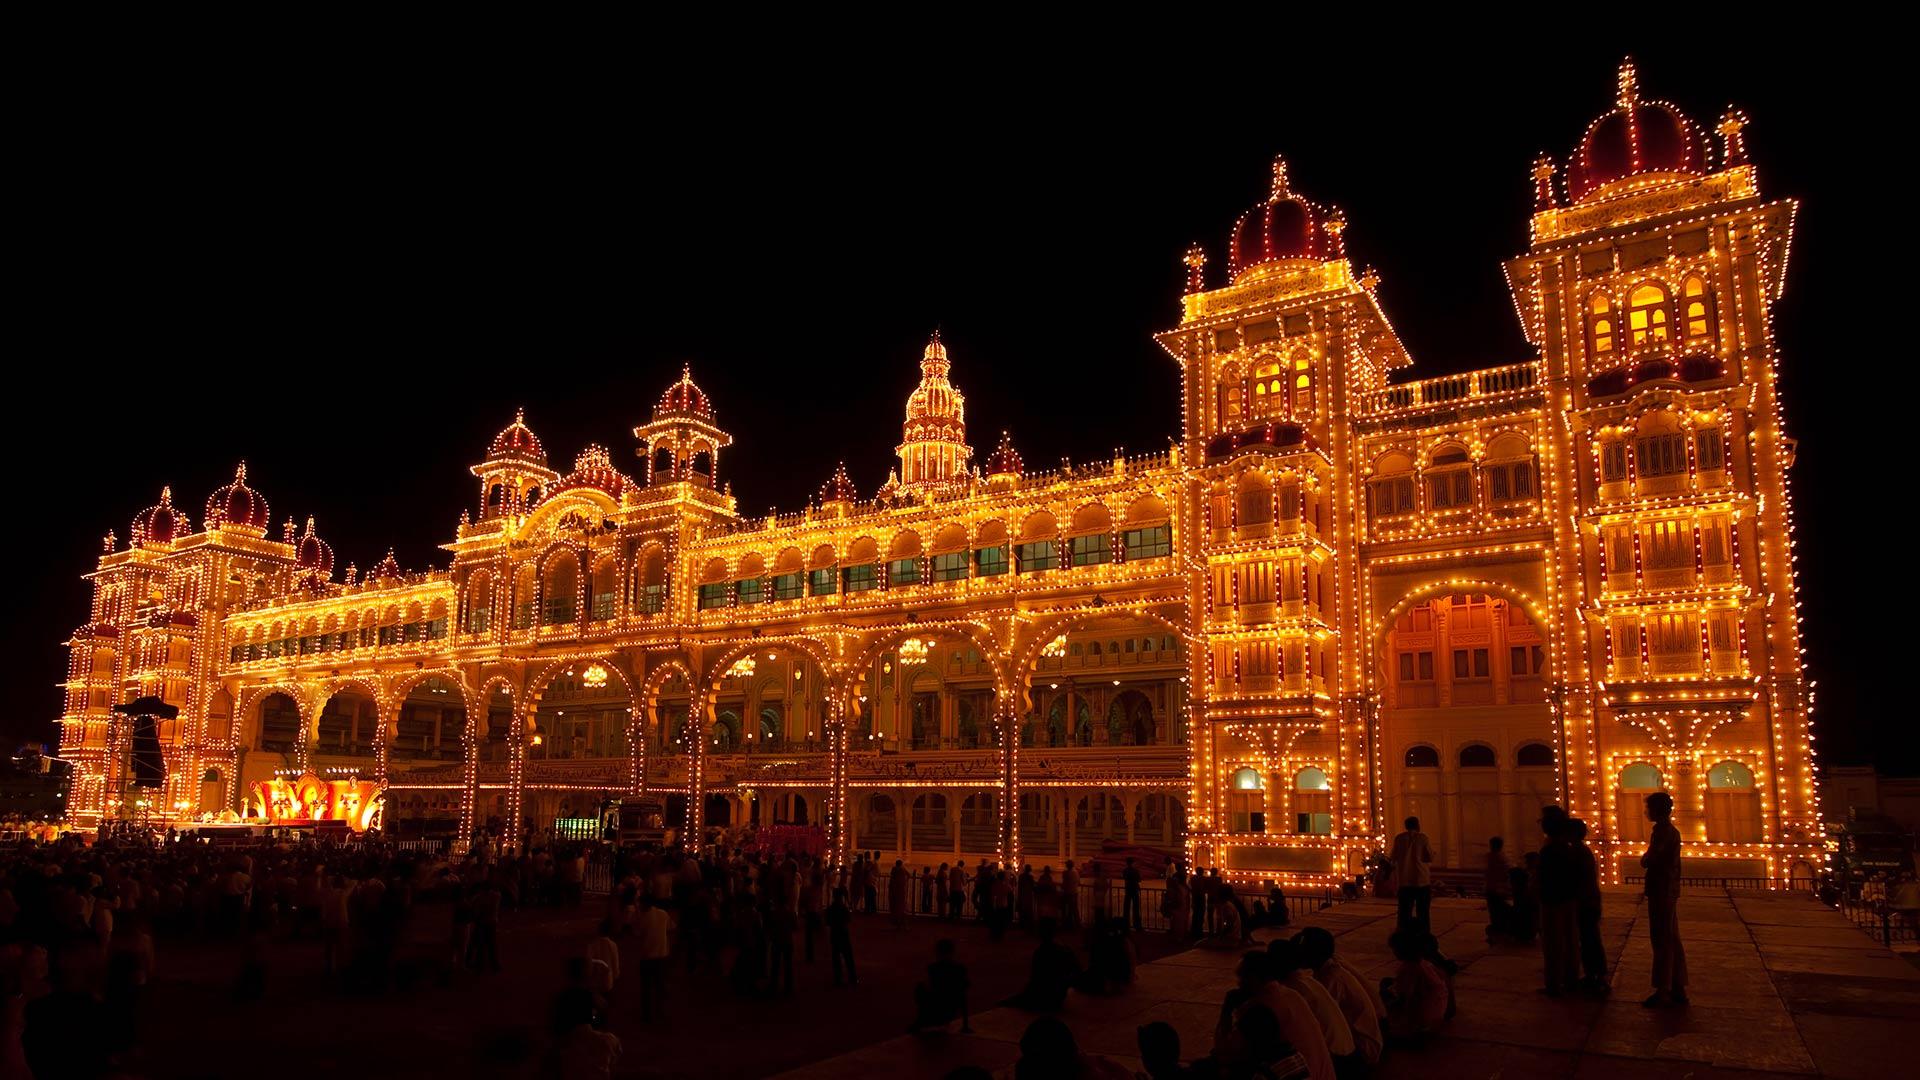 The Mysore Palace India